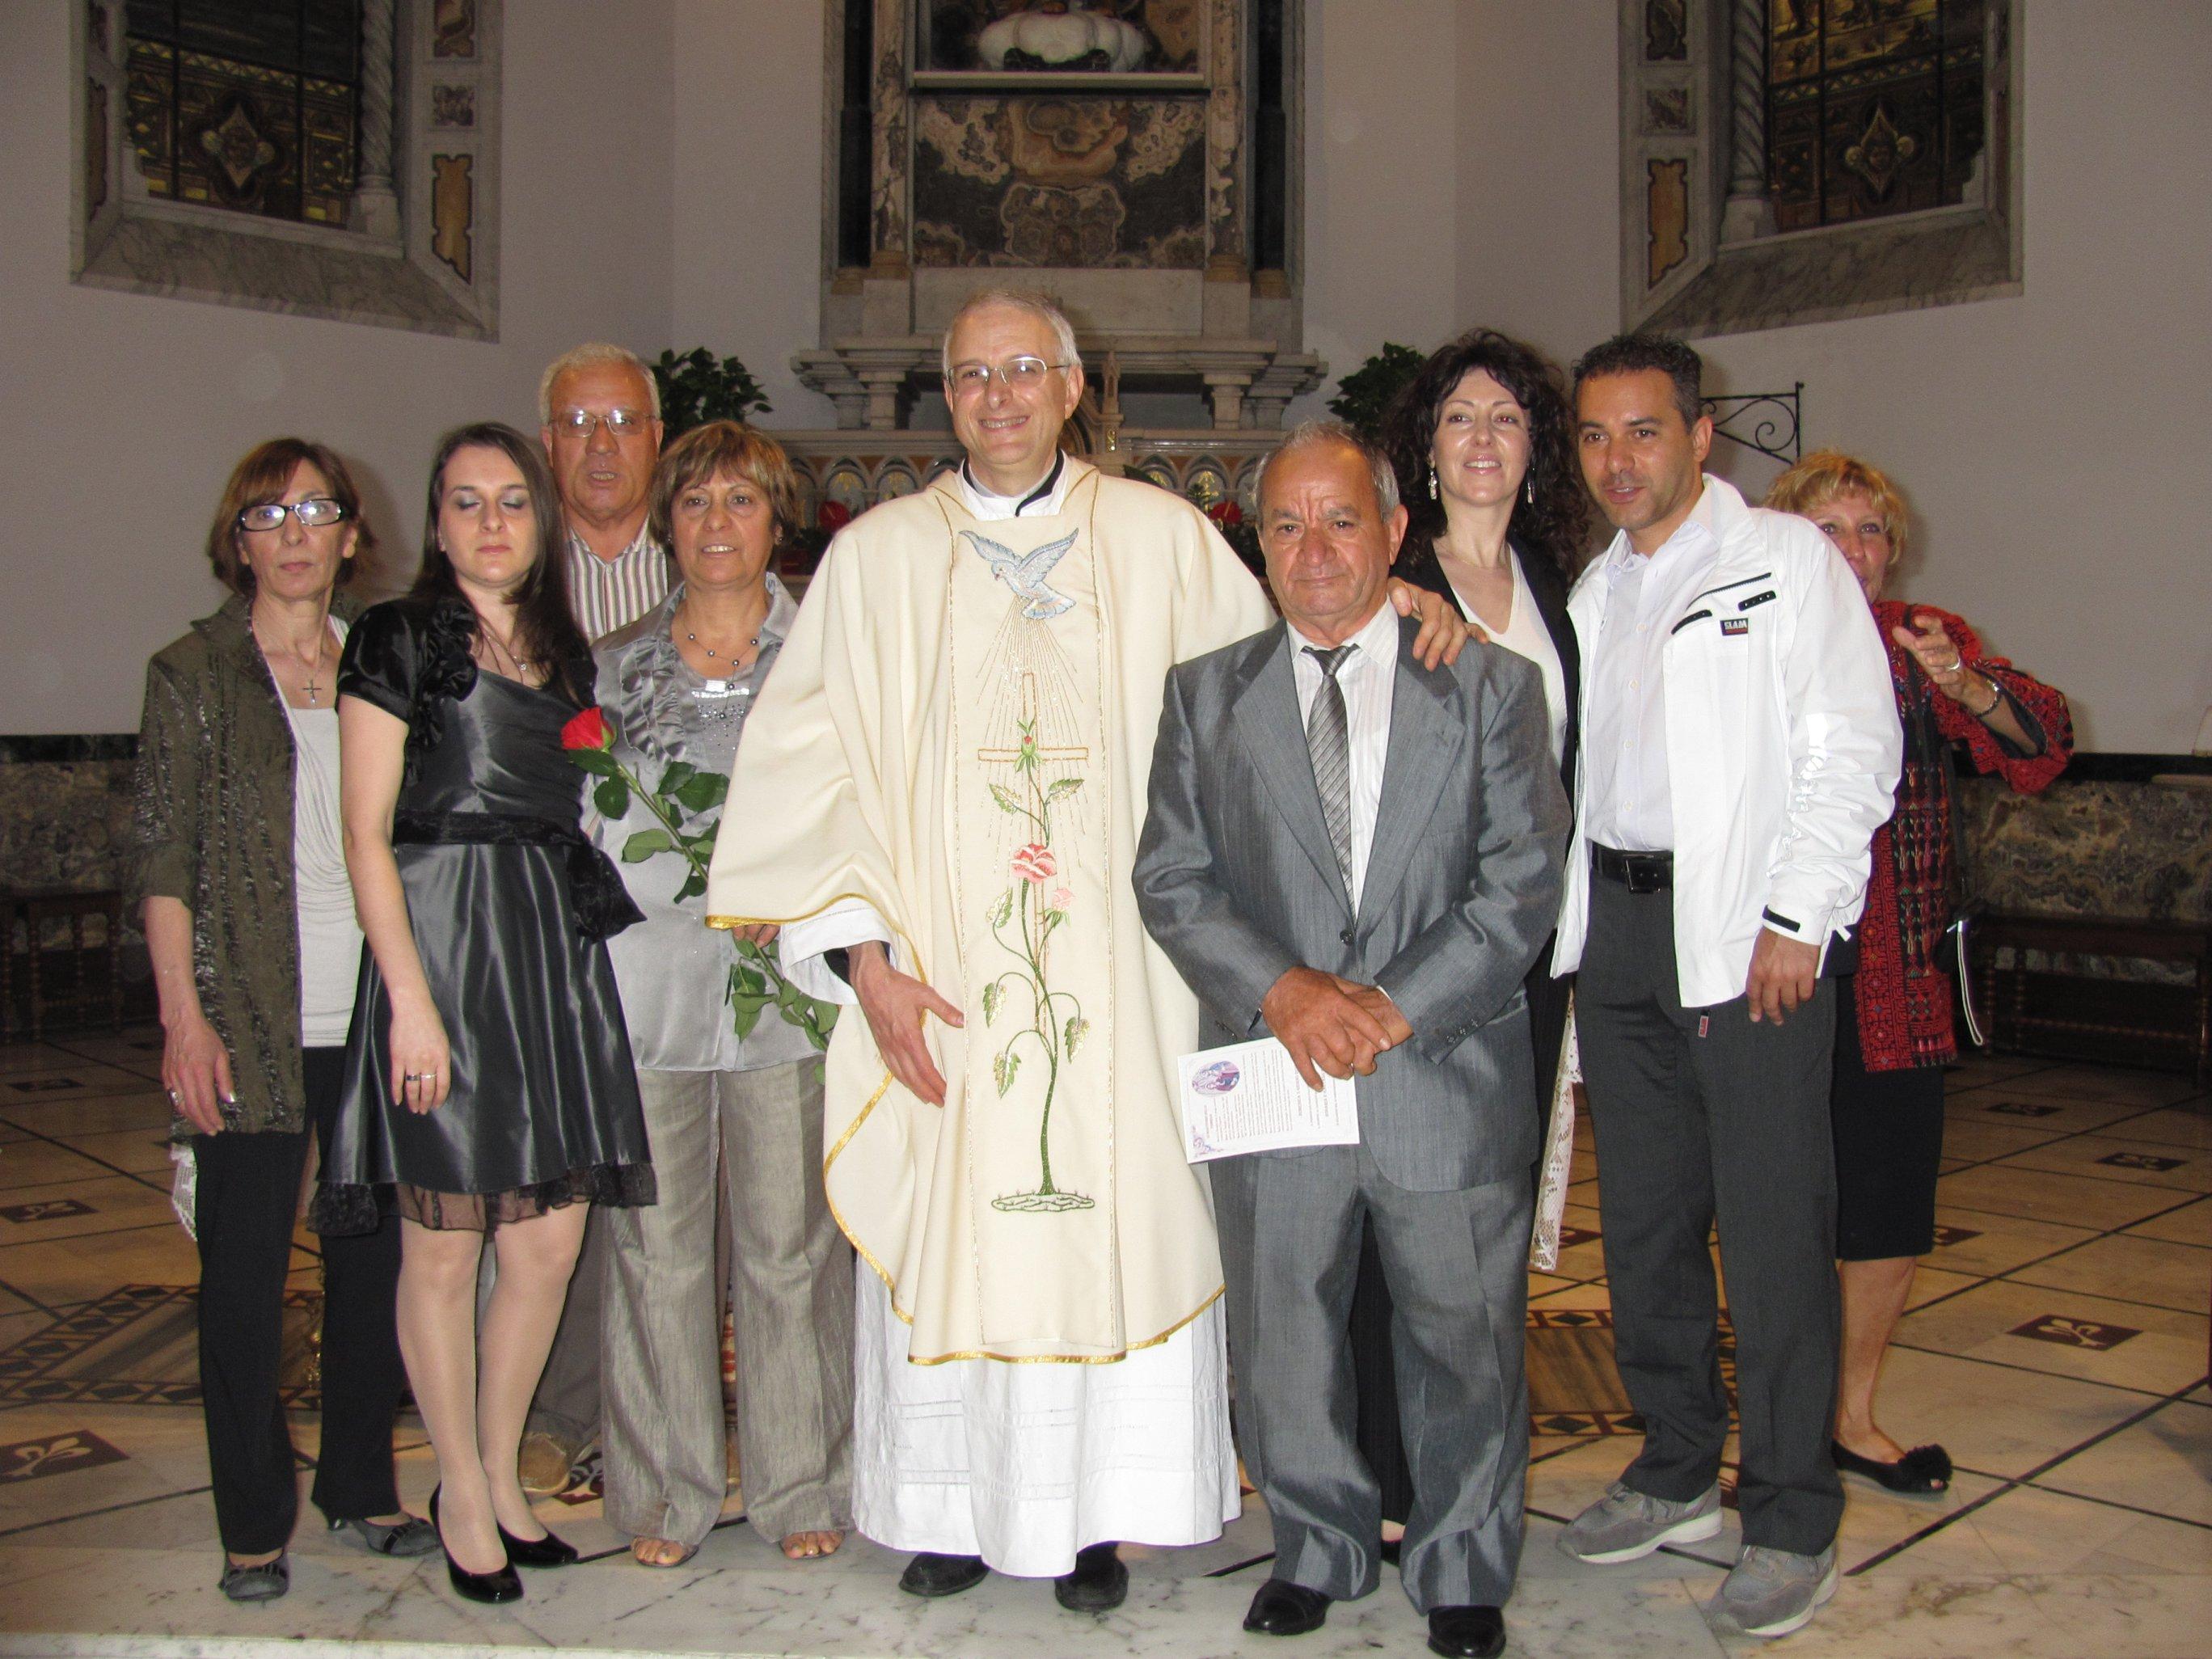 anniversari_di_matrimonio_e_di_ordinazione_2012-06-03-11-30-46